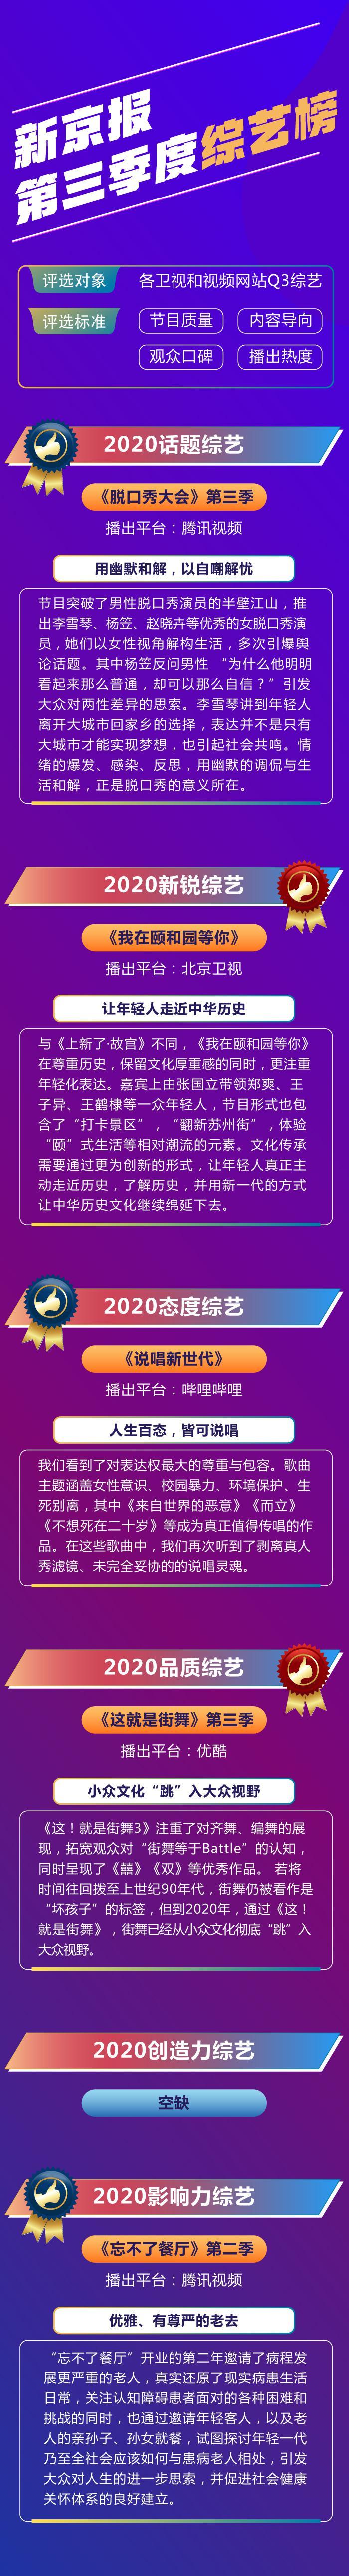 新京报Q3综艺榜:说唱、街舞、脱口秀…小众大有可为图片